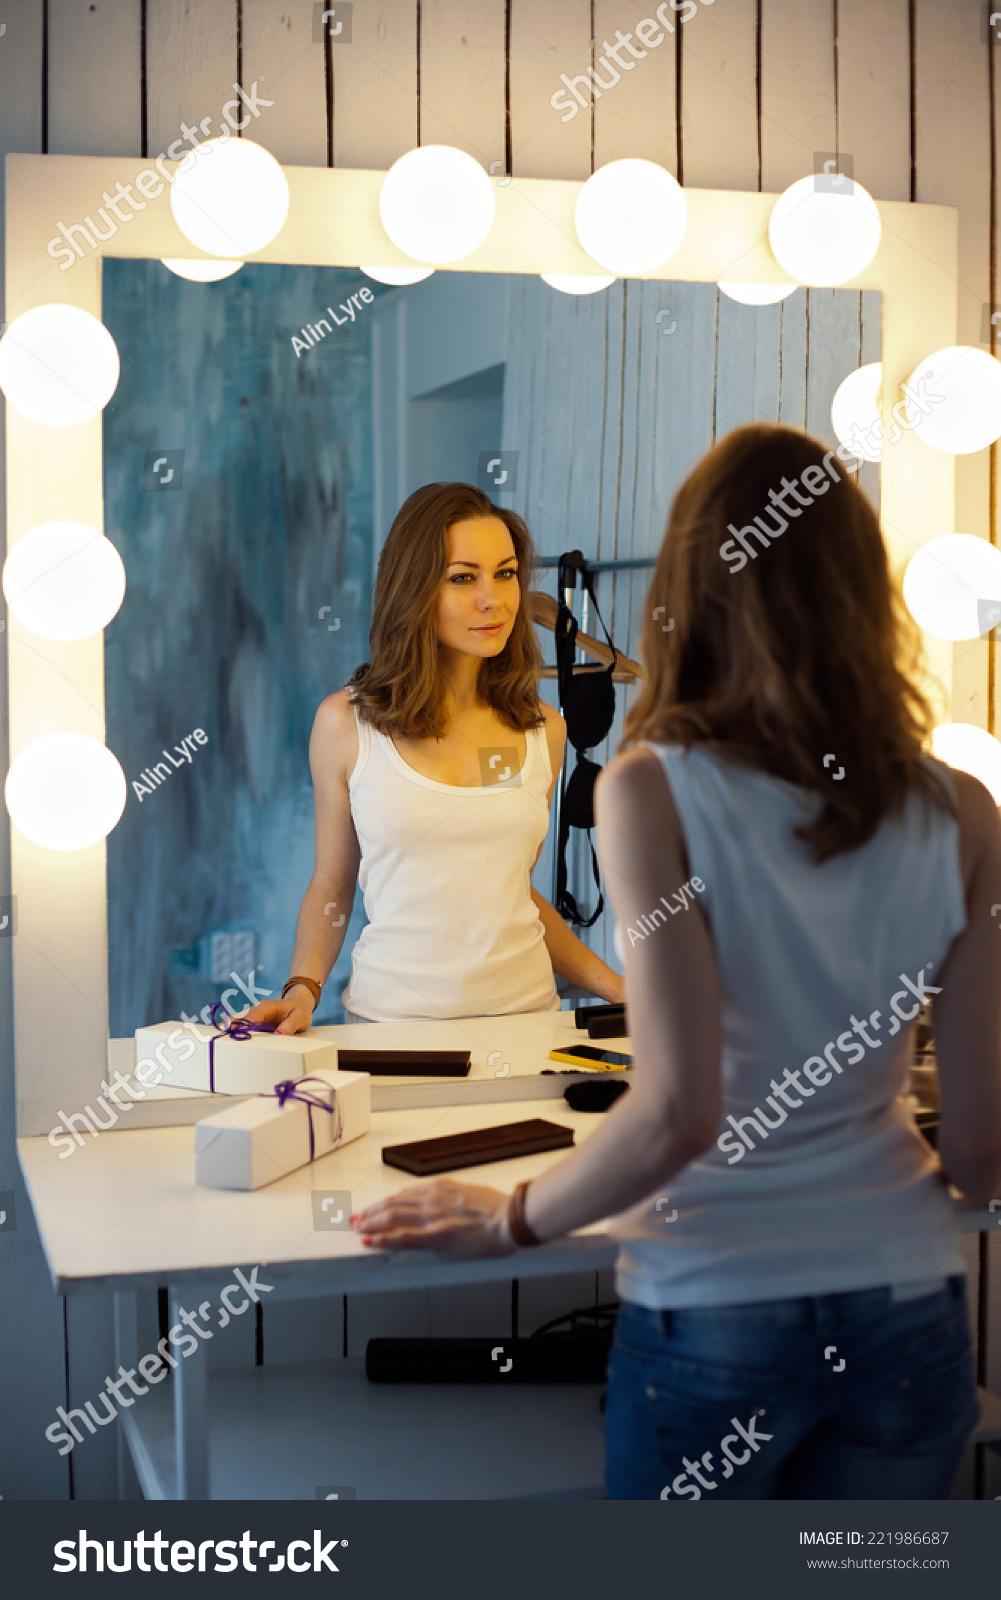 年轻漂亮的女人照镜子